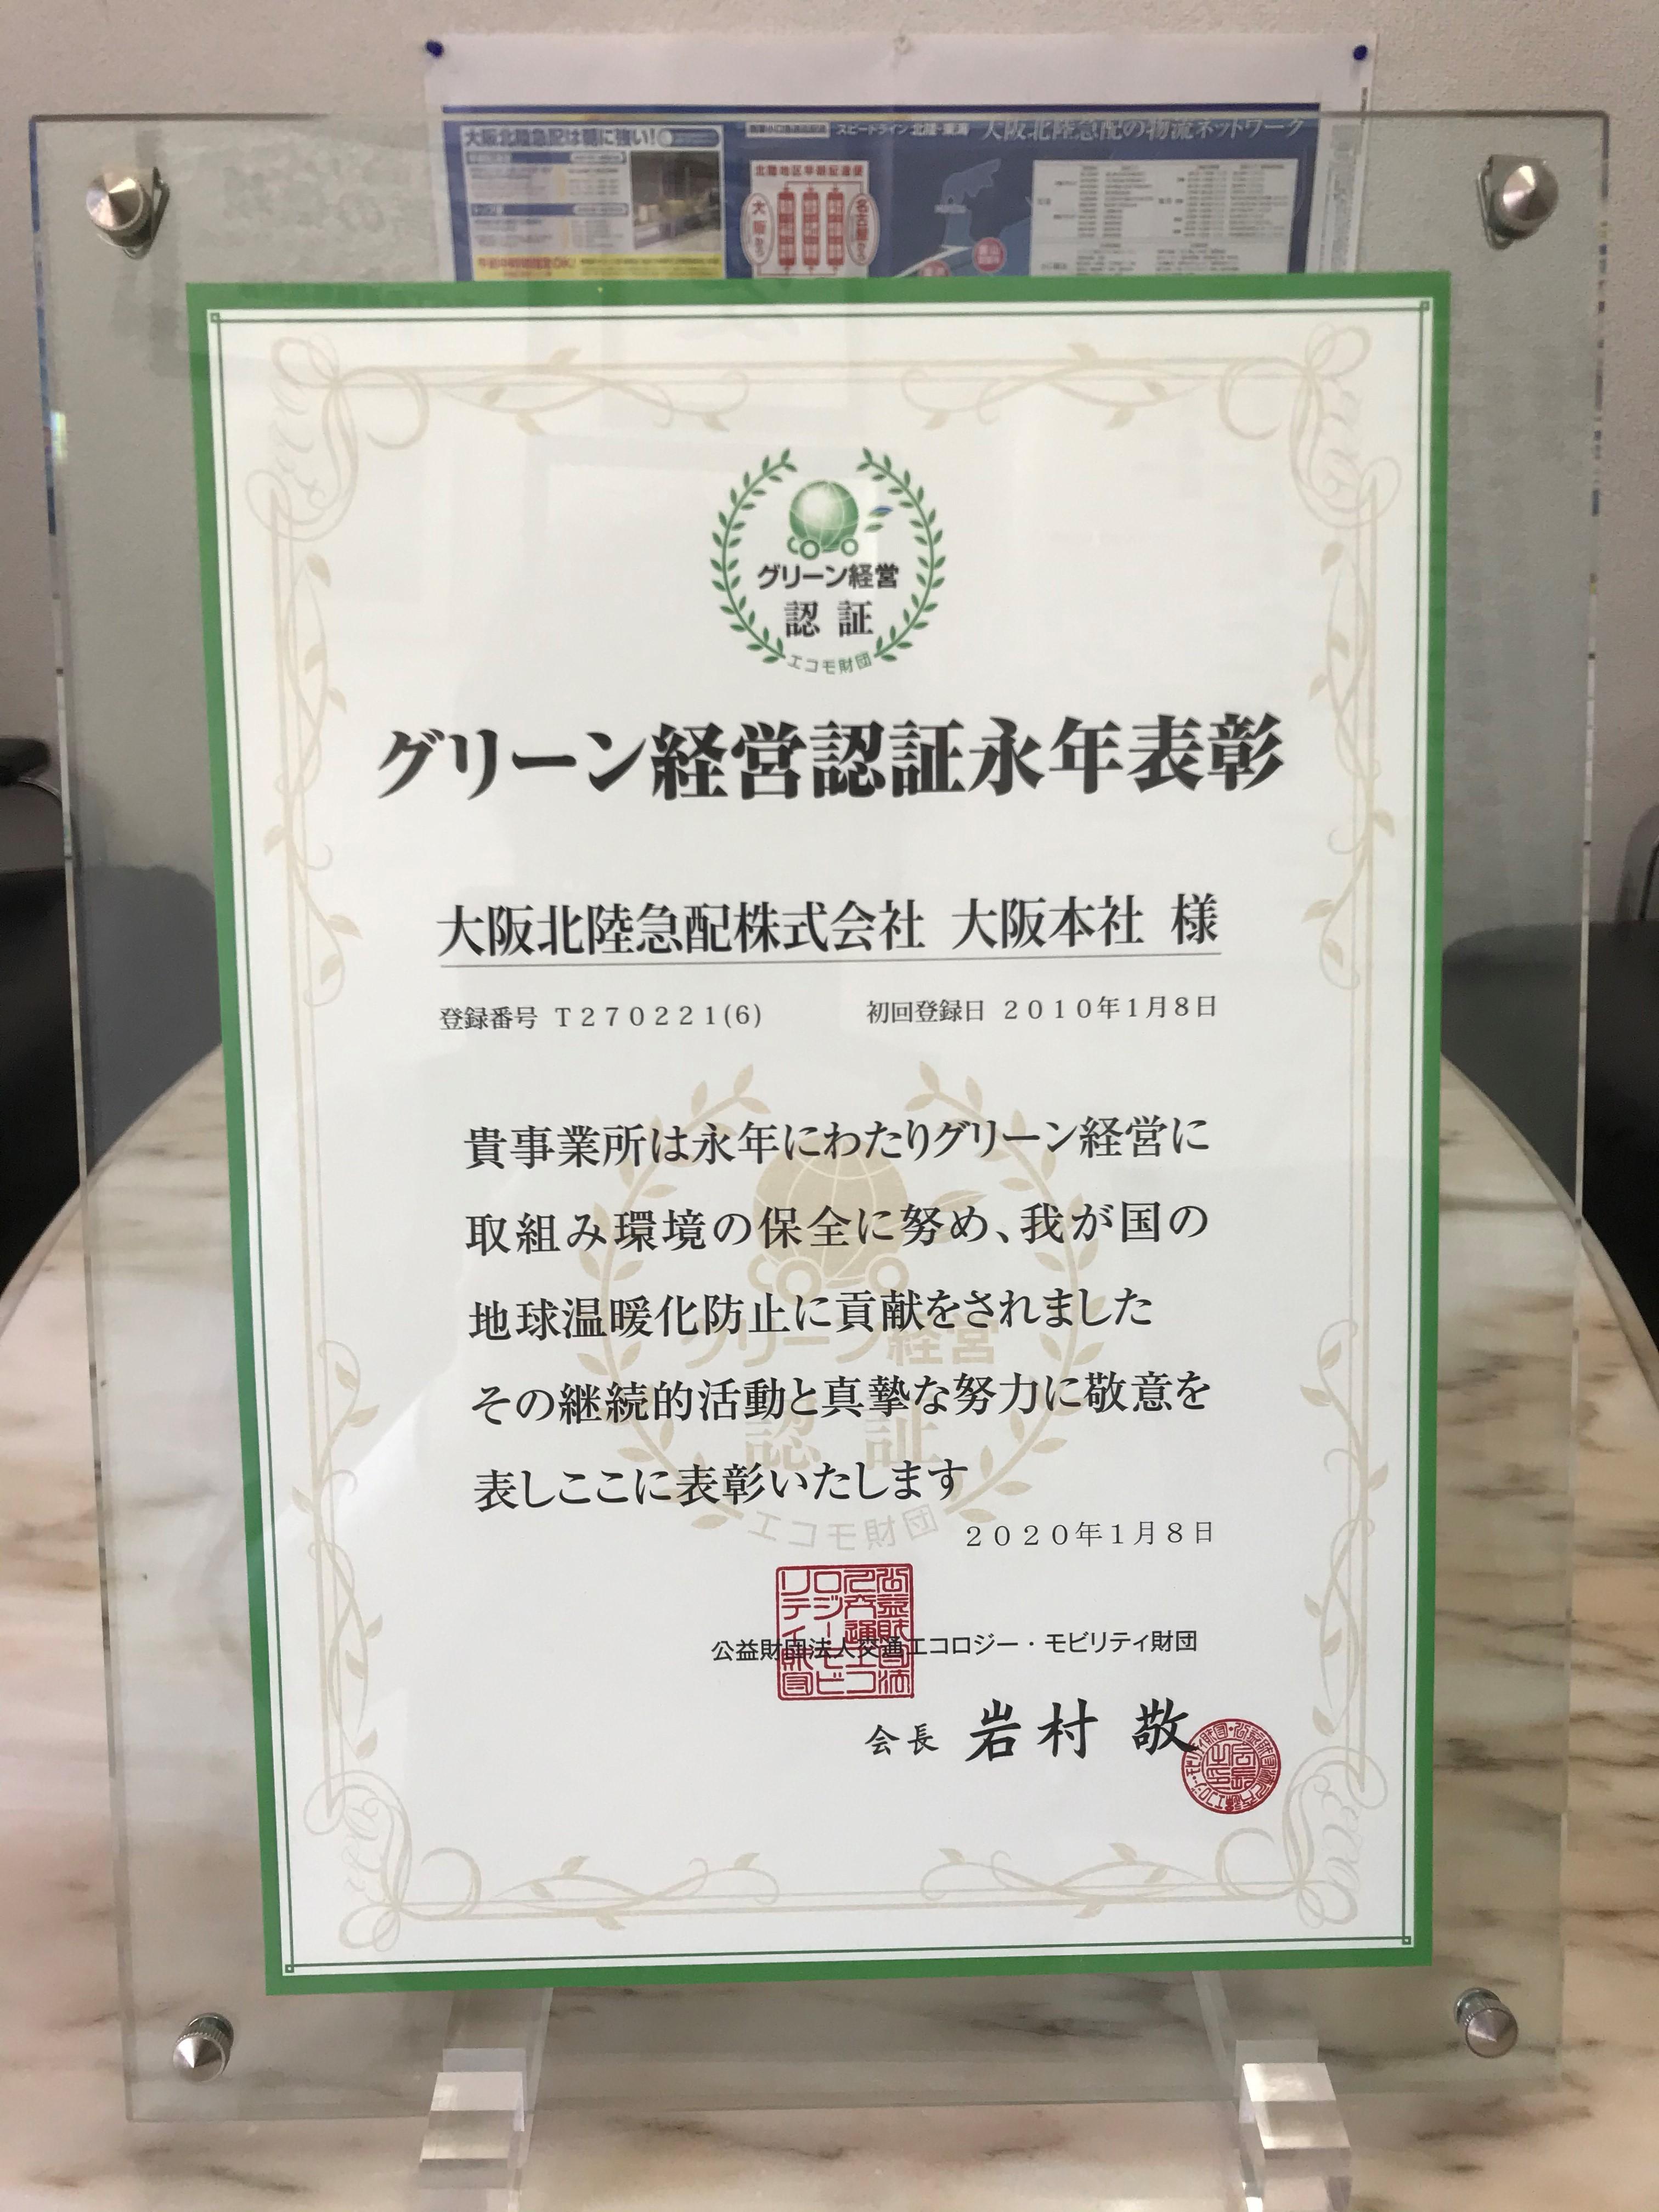 【 グリーン経営永年表彰 】